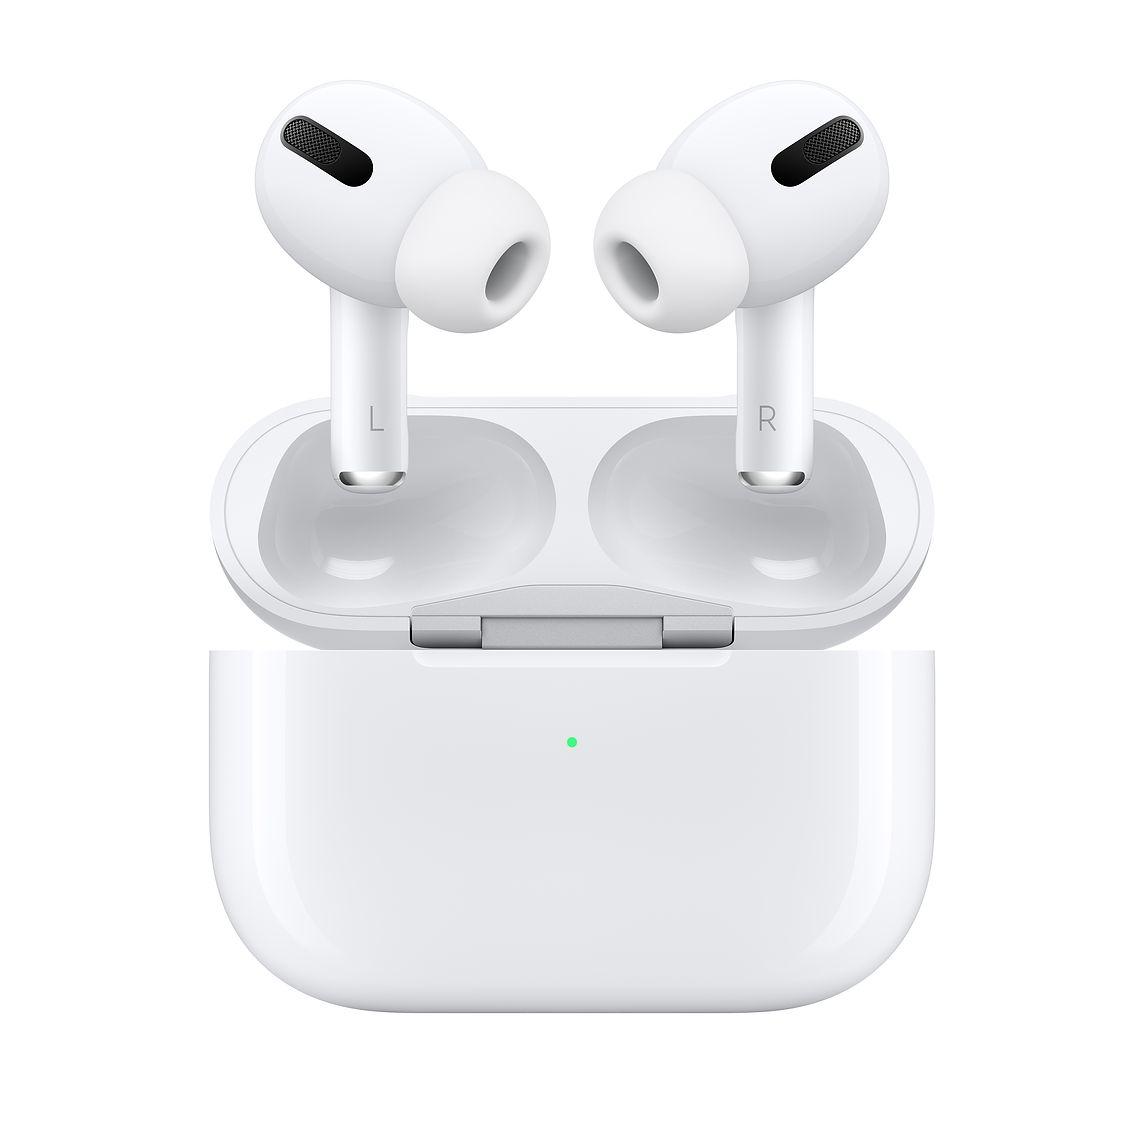 """Audífonos inalámbricos - Una alternativa versátil en este momento donde las videoconferencias son la orden del día, además de ser un """"gadget"""" para los padres que disfrutan ejercitarse al ritmo de la música. En la foto, Airpods Pro de Apple. (Suministrada)"""